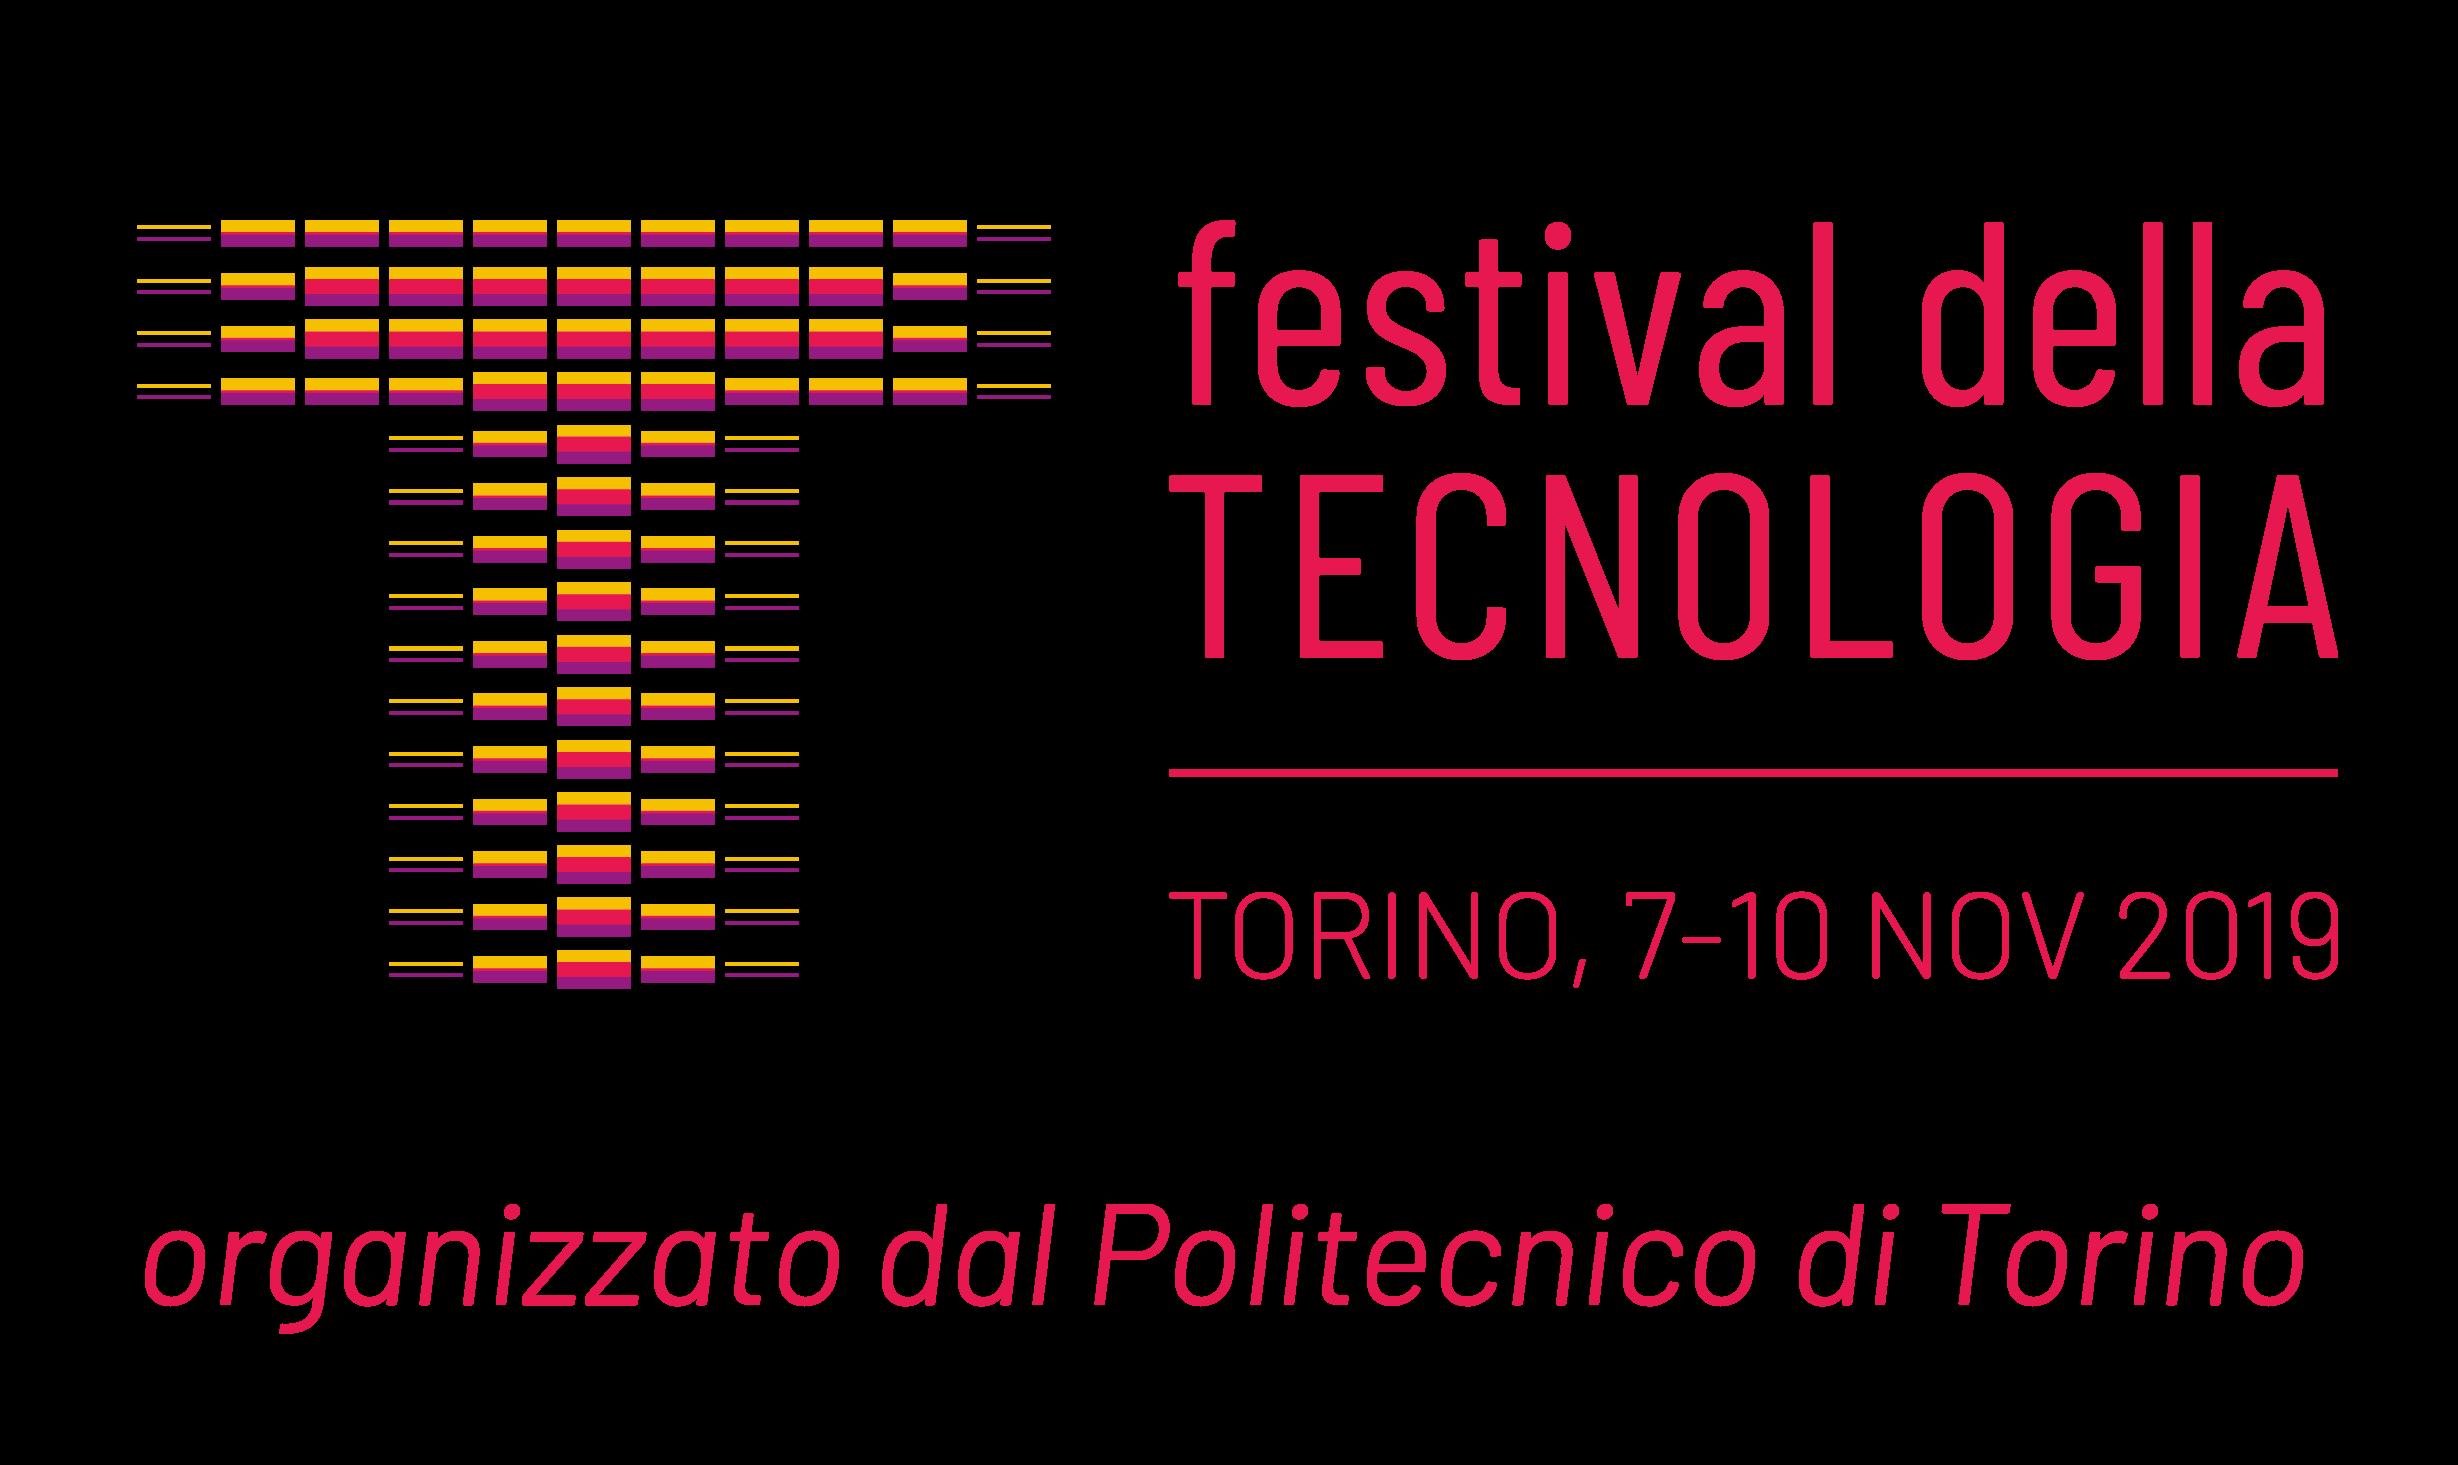 GIFT x Festival della Tecnologia